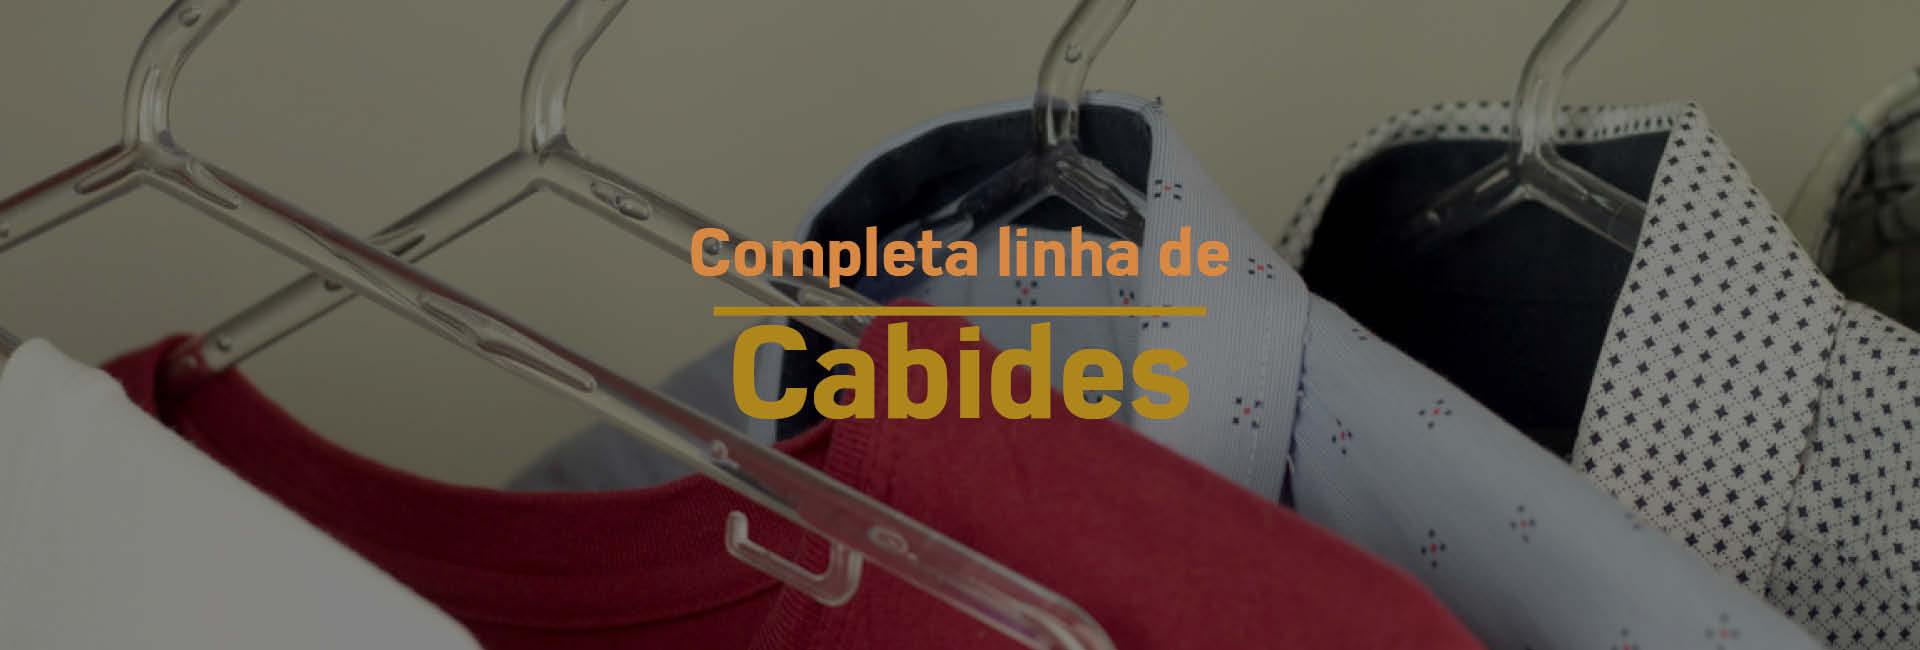 Cabides